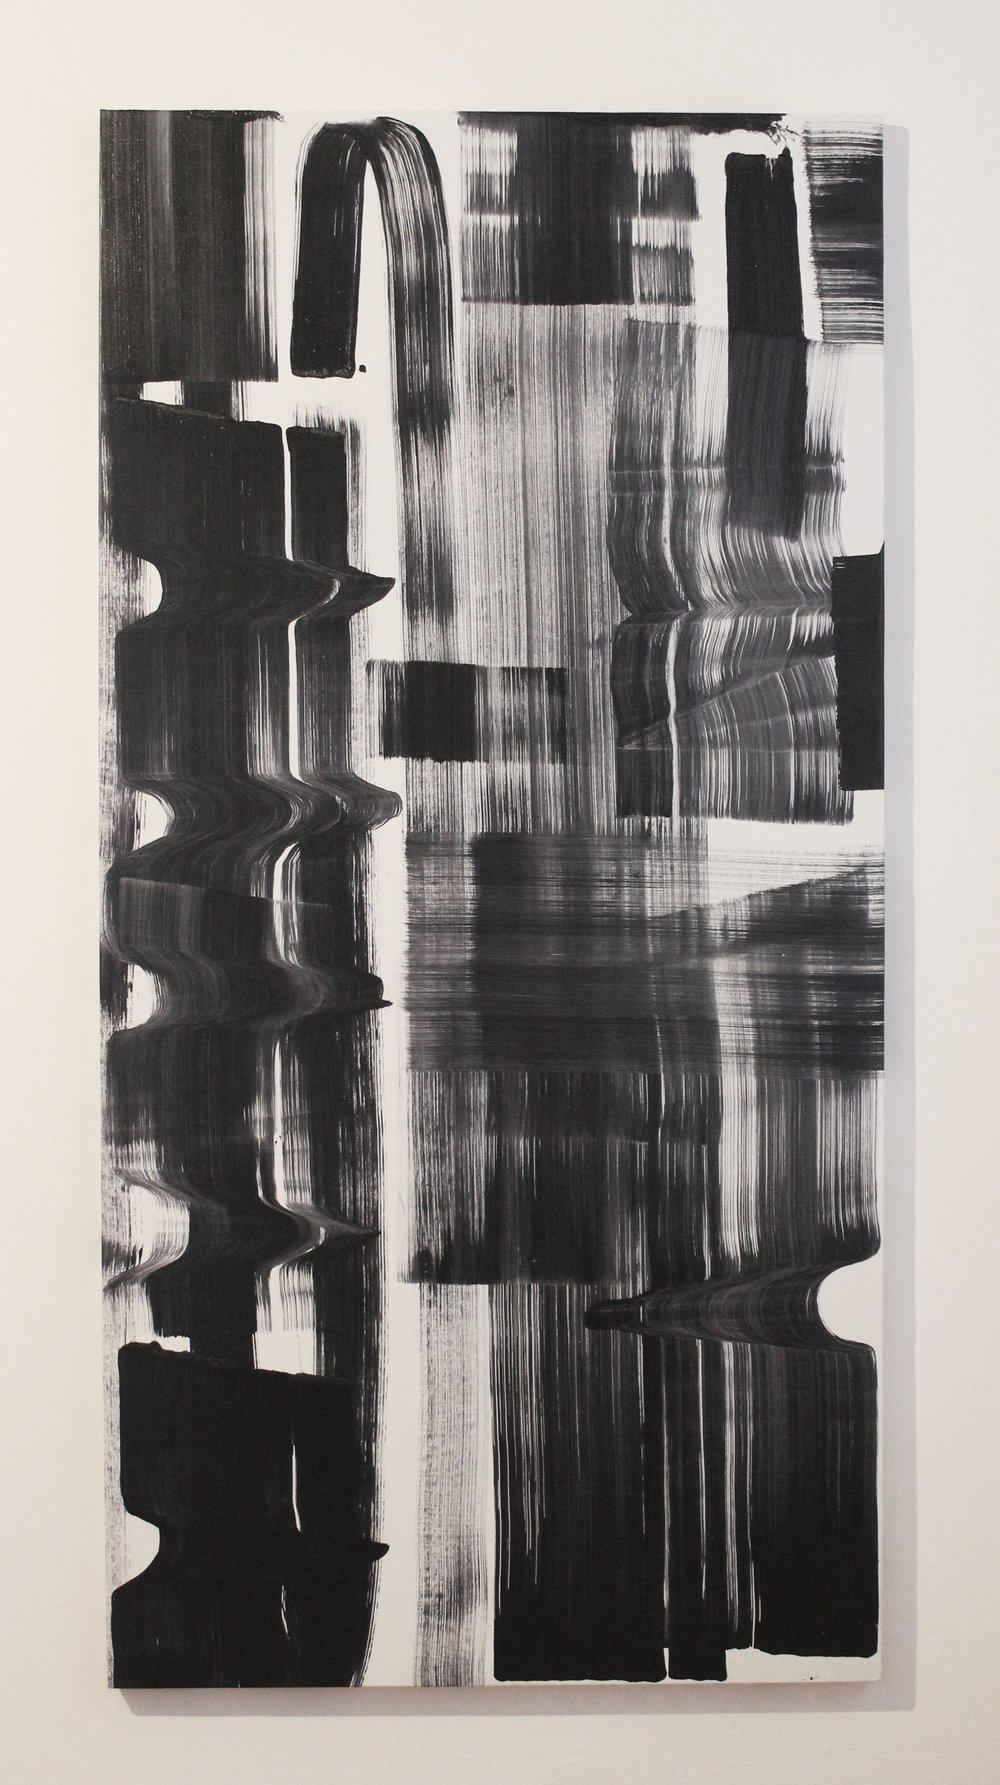 204x101 Olieverf en Acrylverf op doek 2016